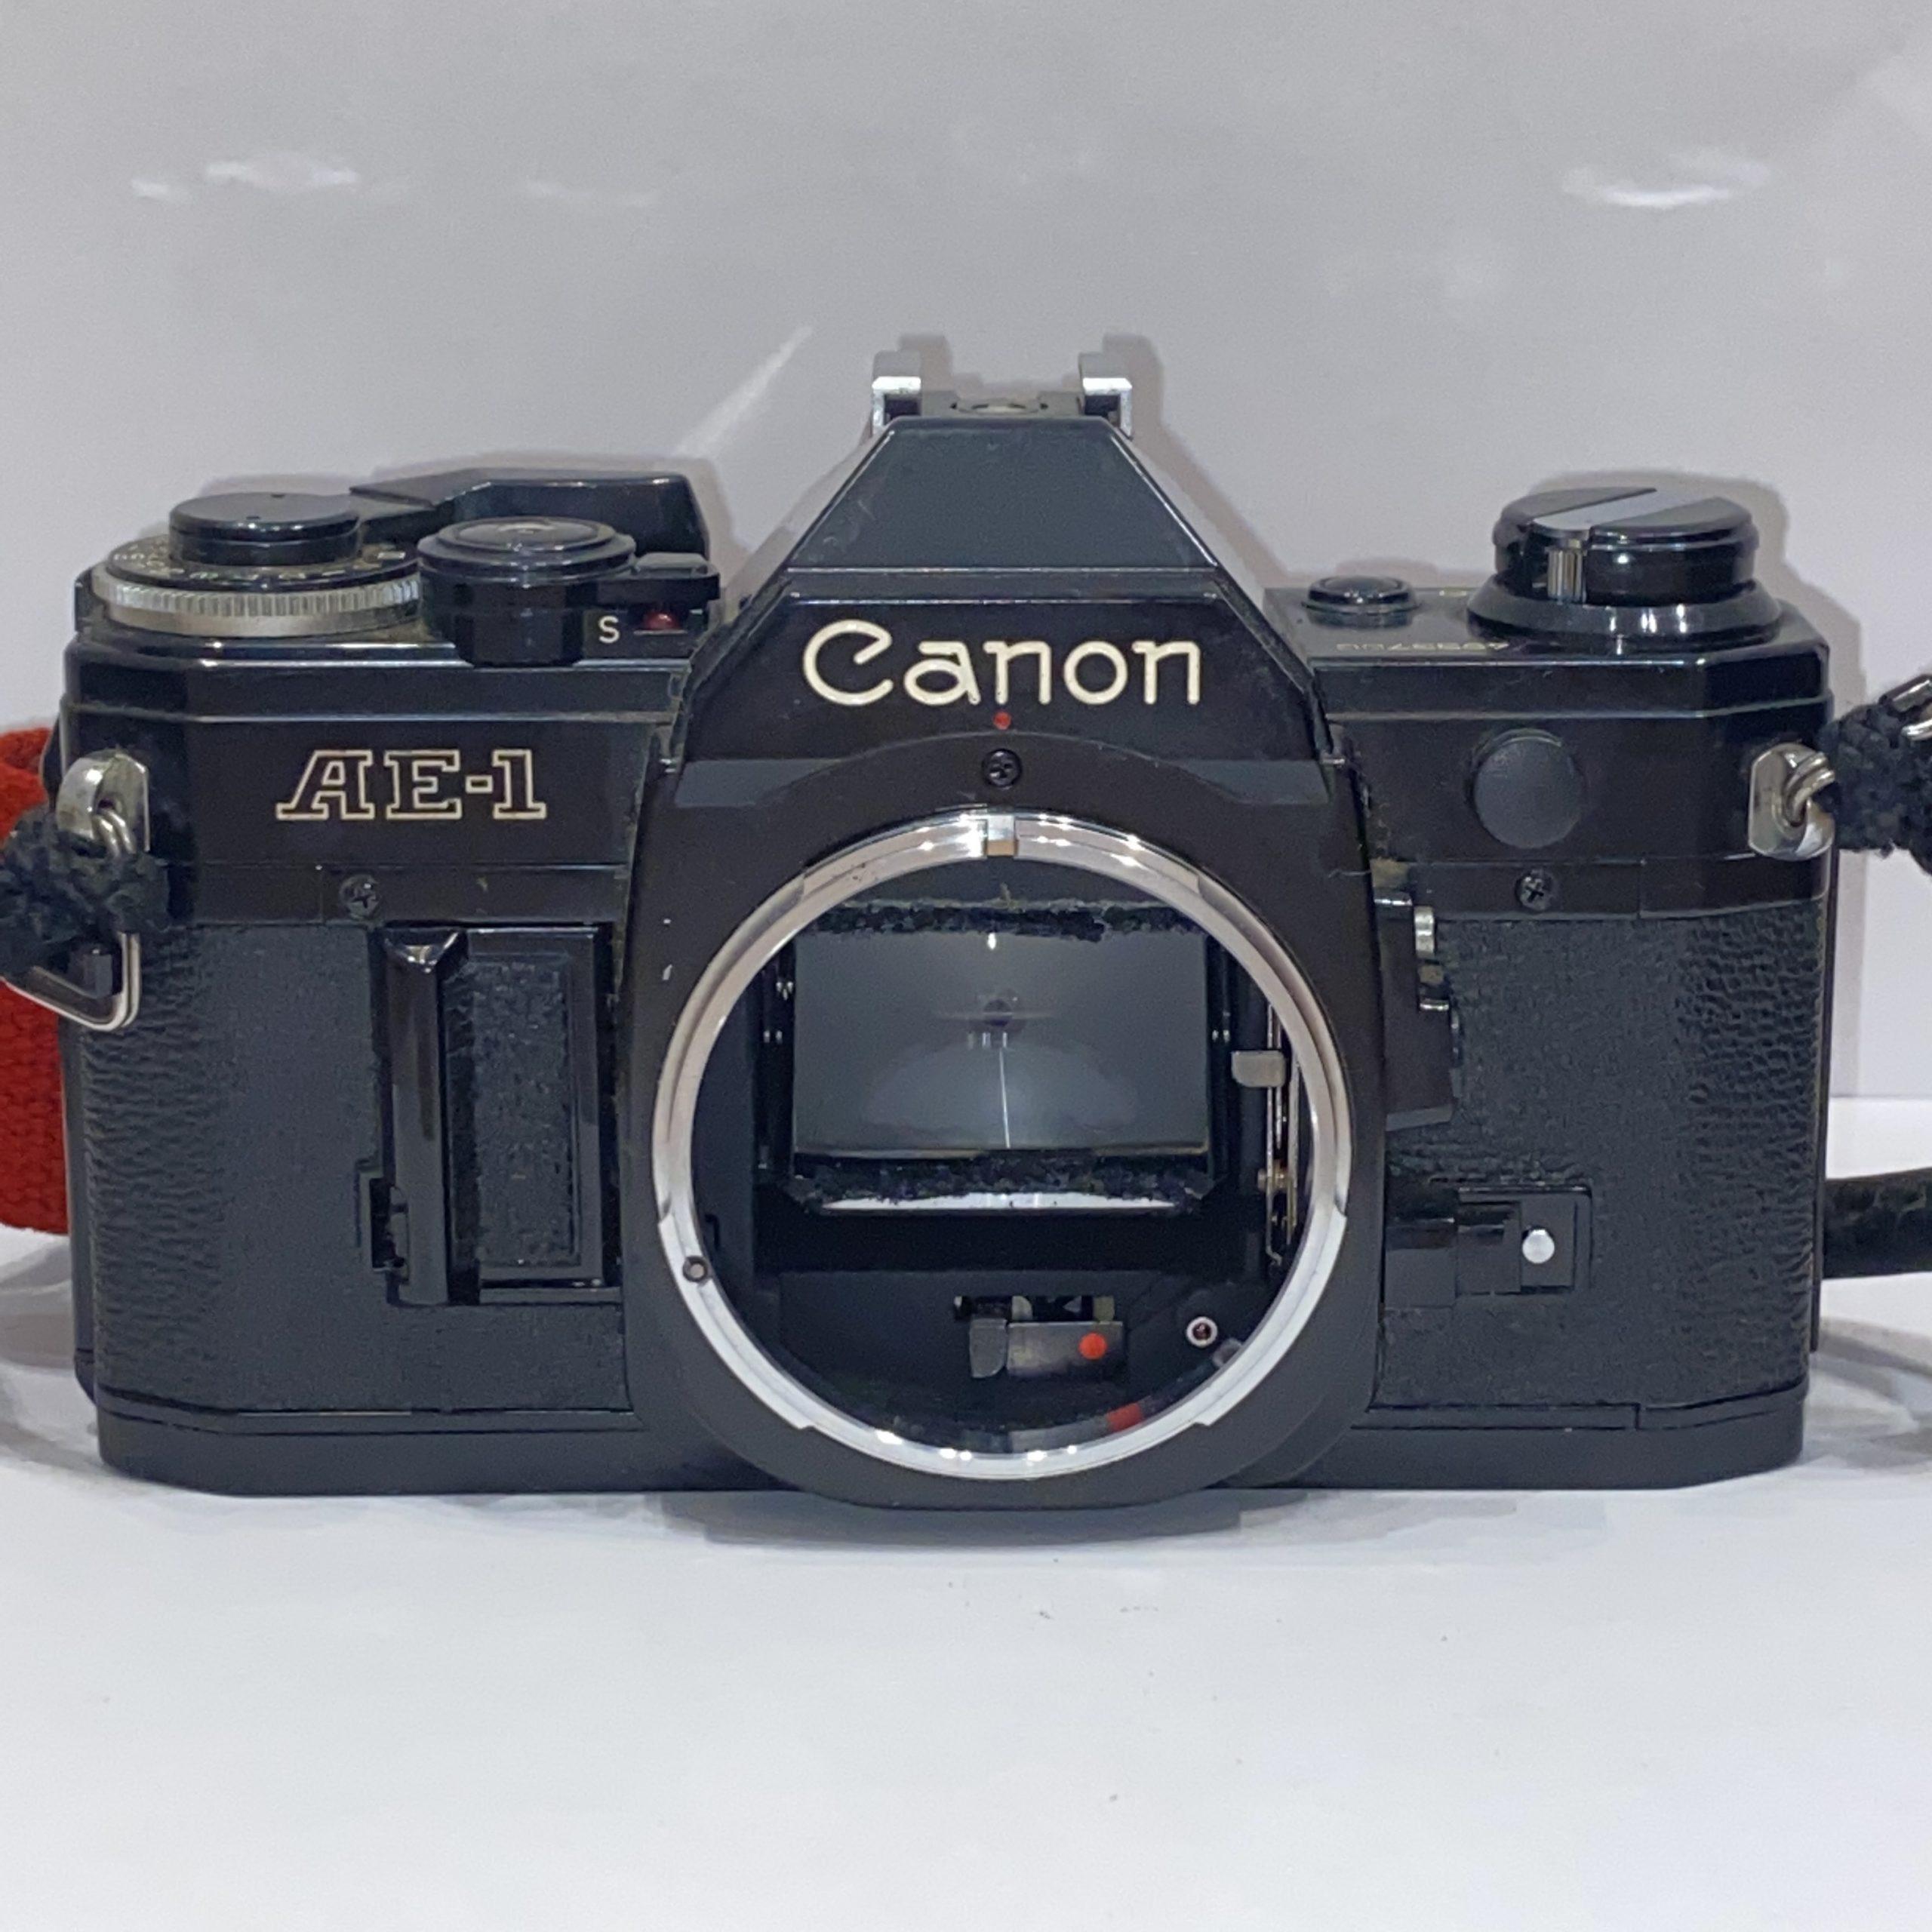 【Canon/キャノン】フィルムカメラ AE-1